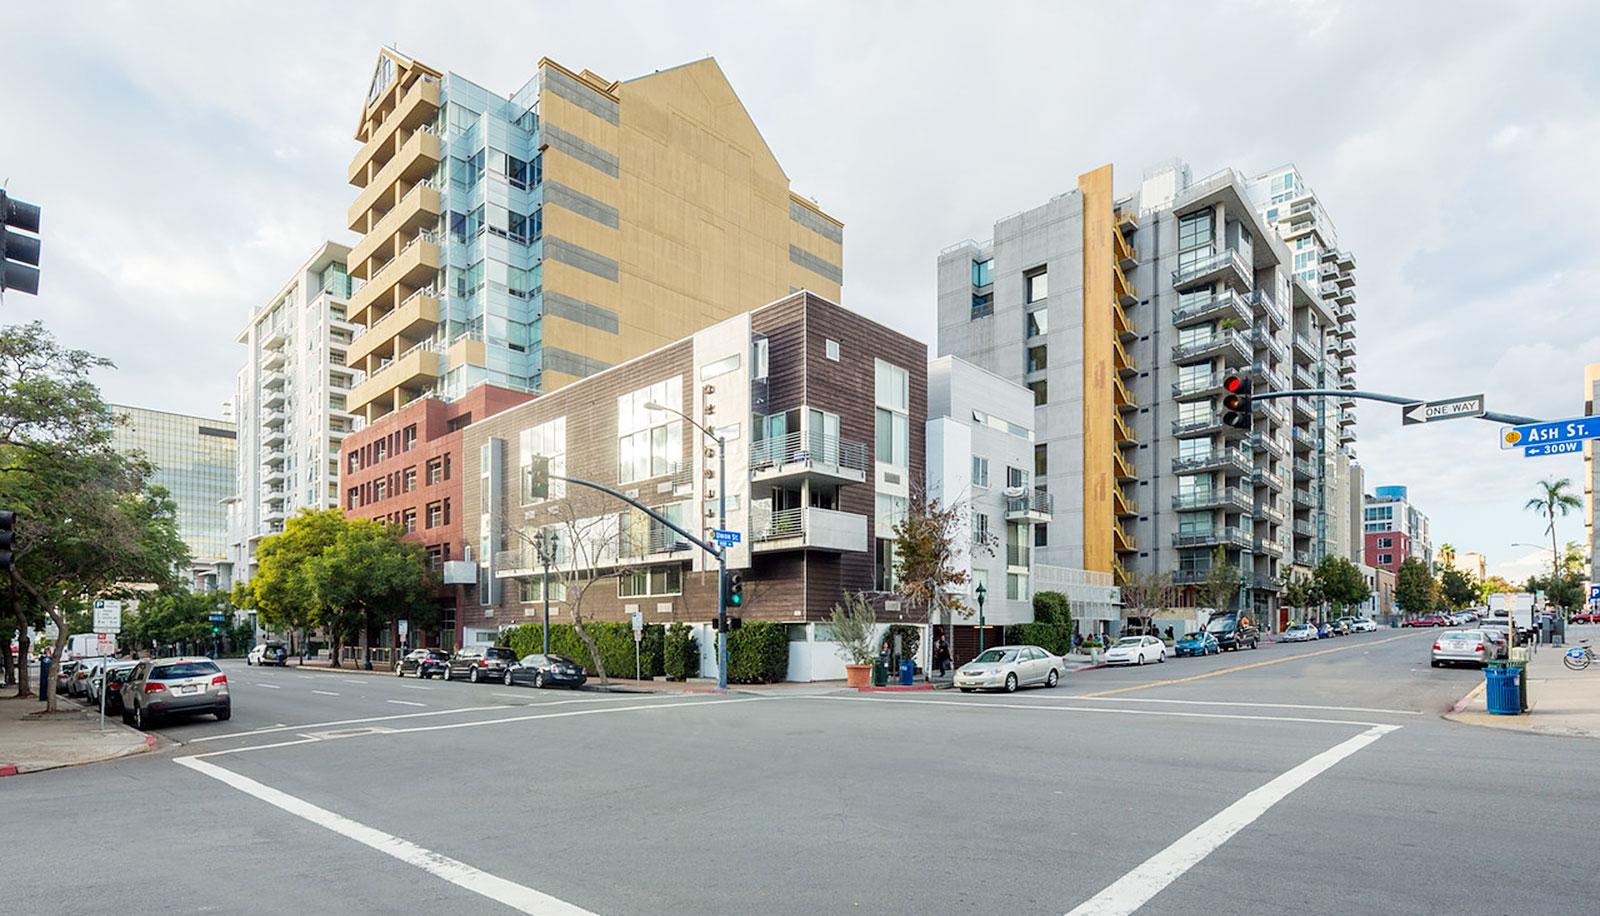 Billboard Lofts San Diego